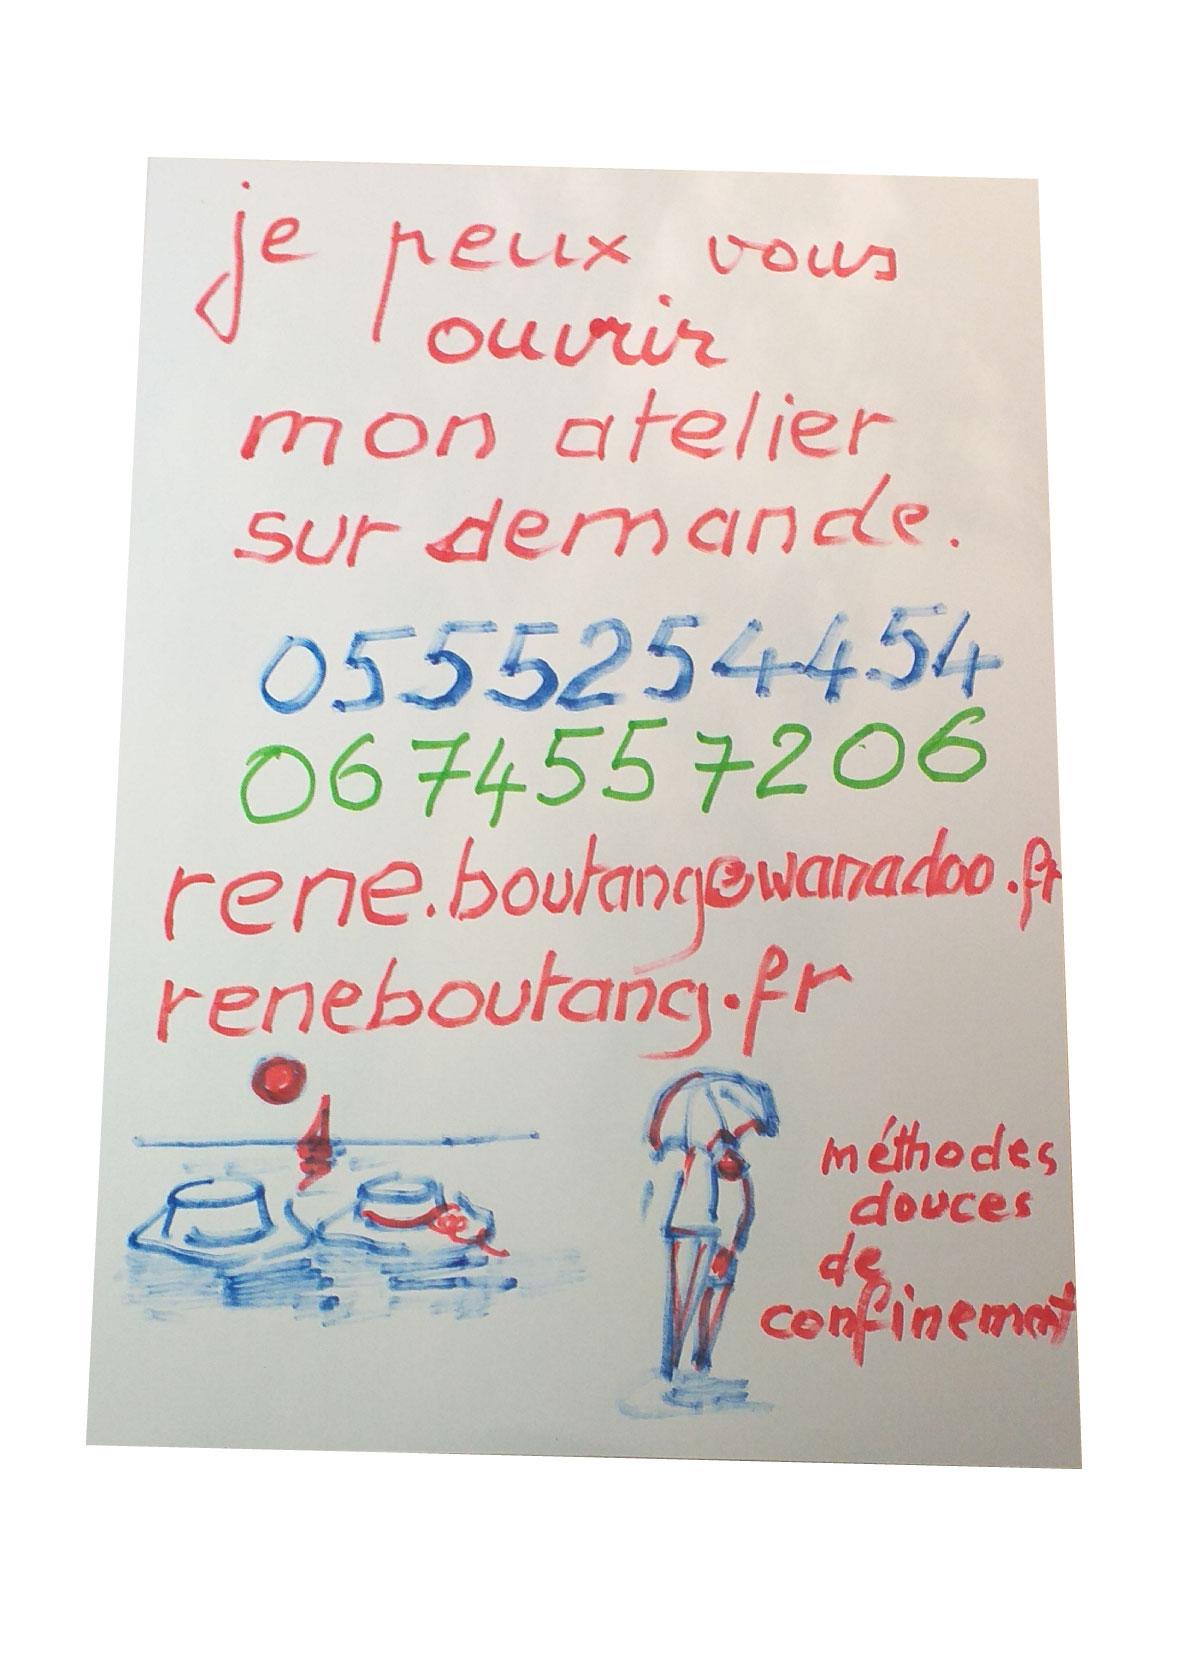 L'atelier René Boutang reste ouvert sur demande